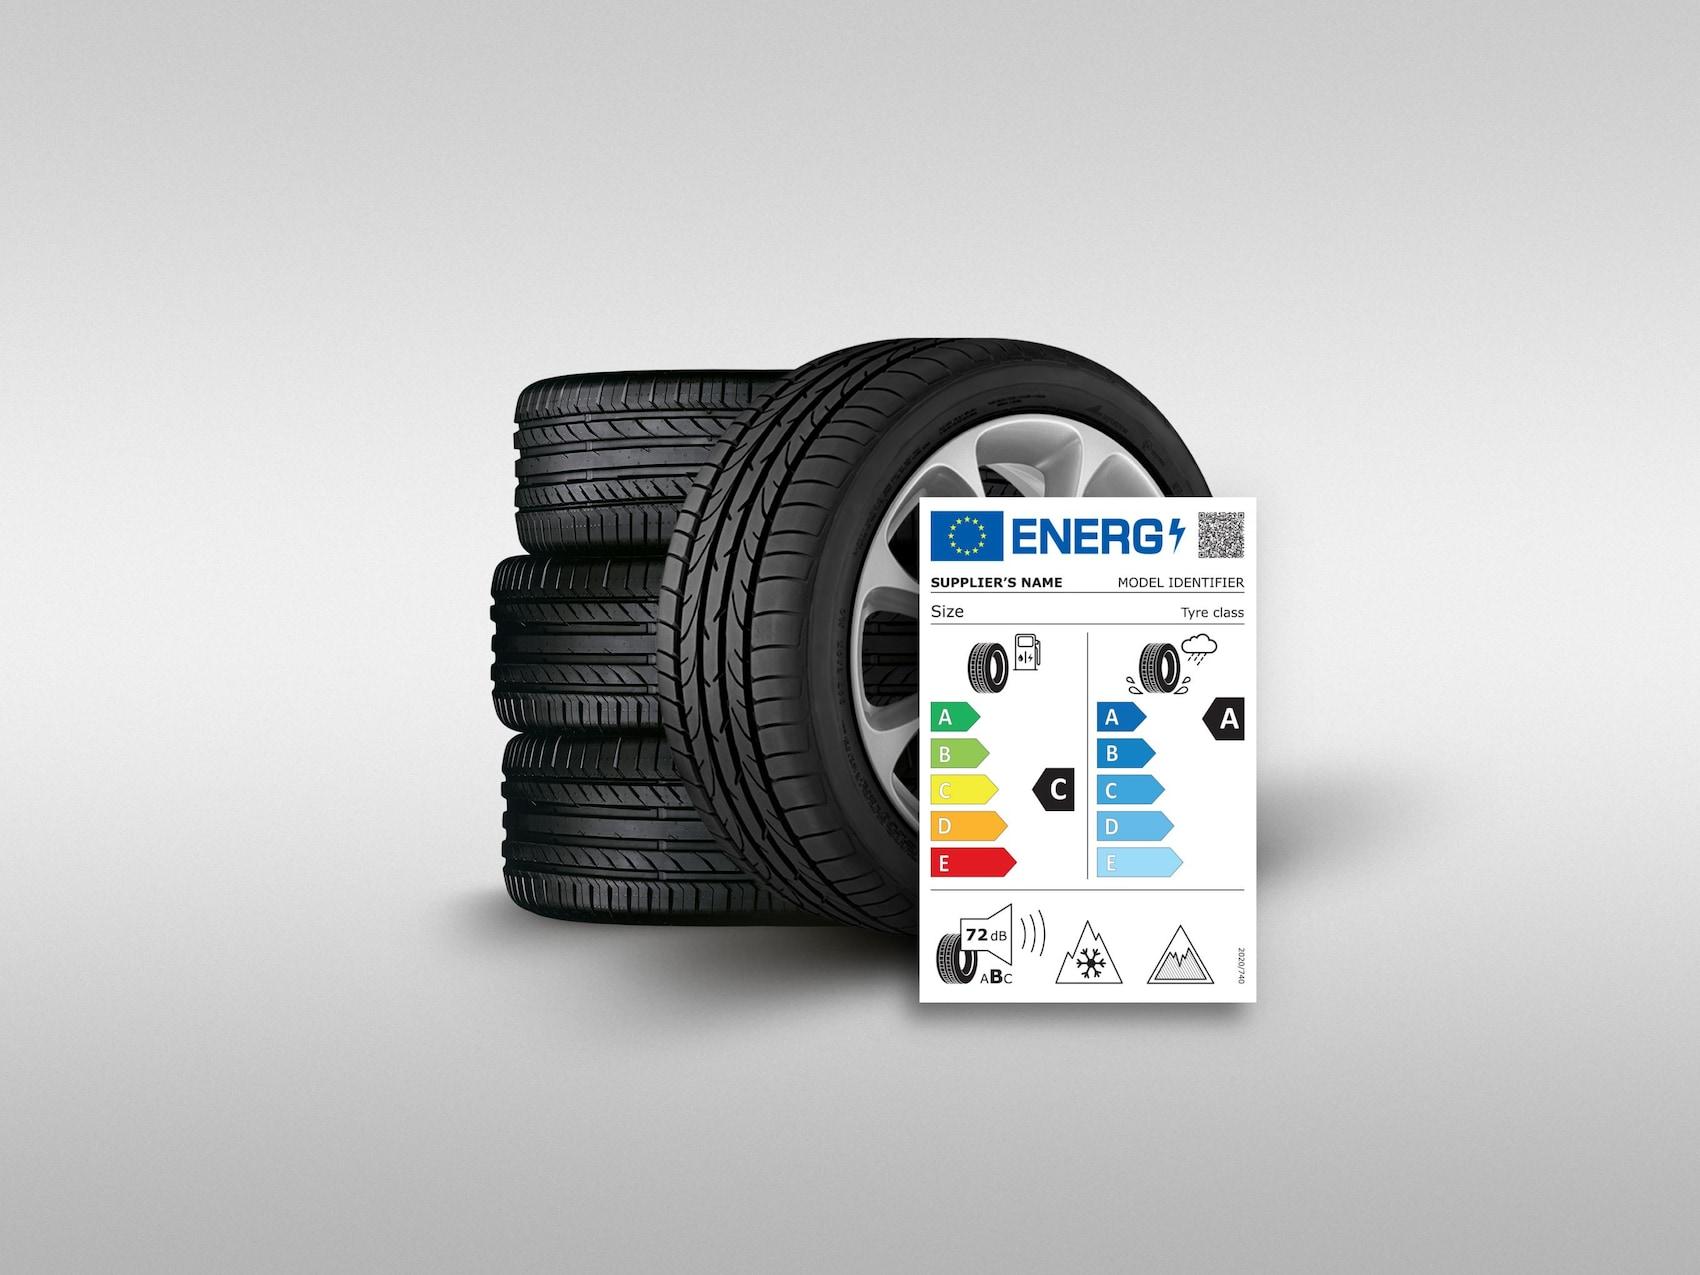 smart - EU-Reifenlabel